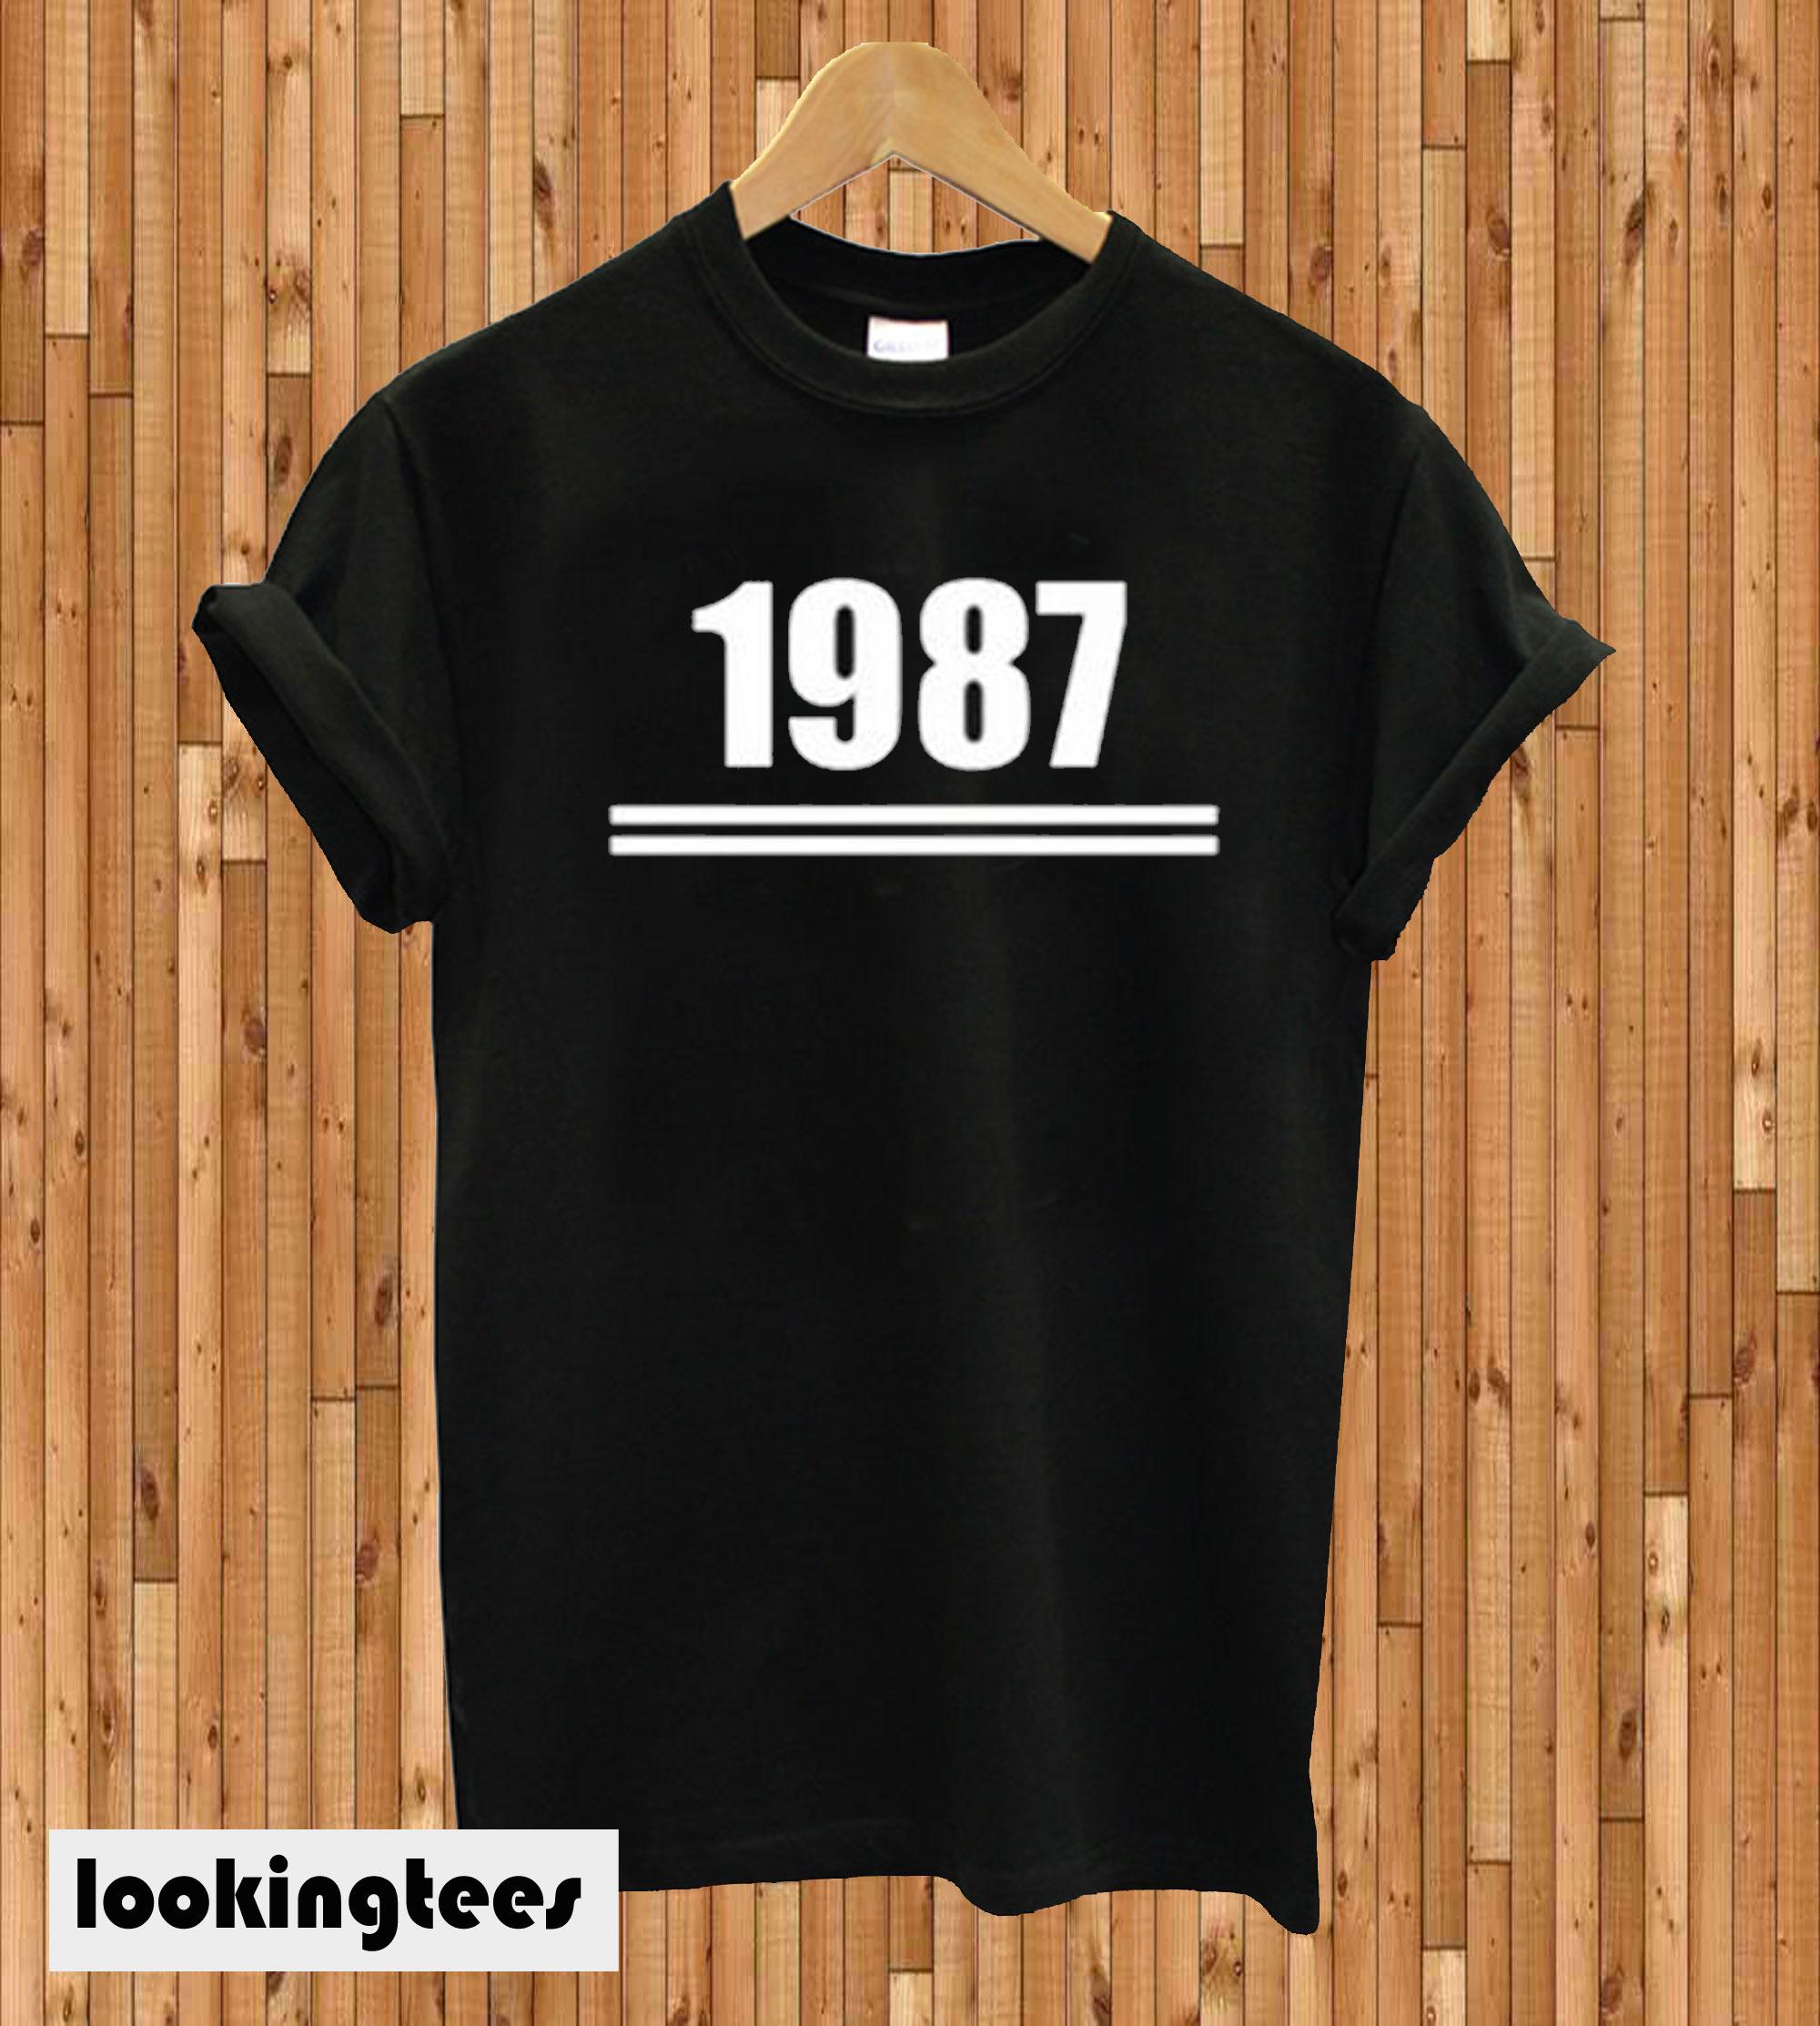 1987 Line T-shirt